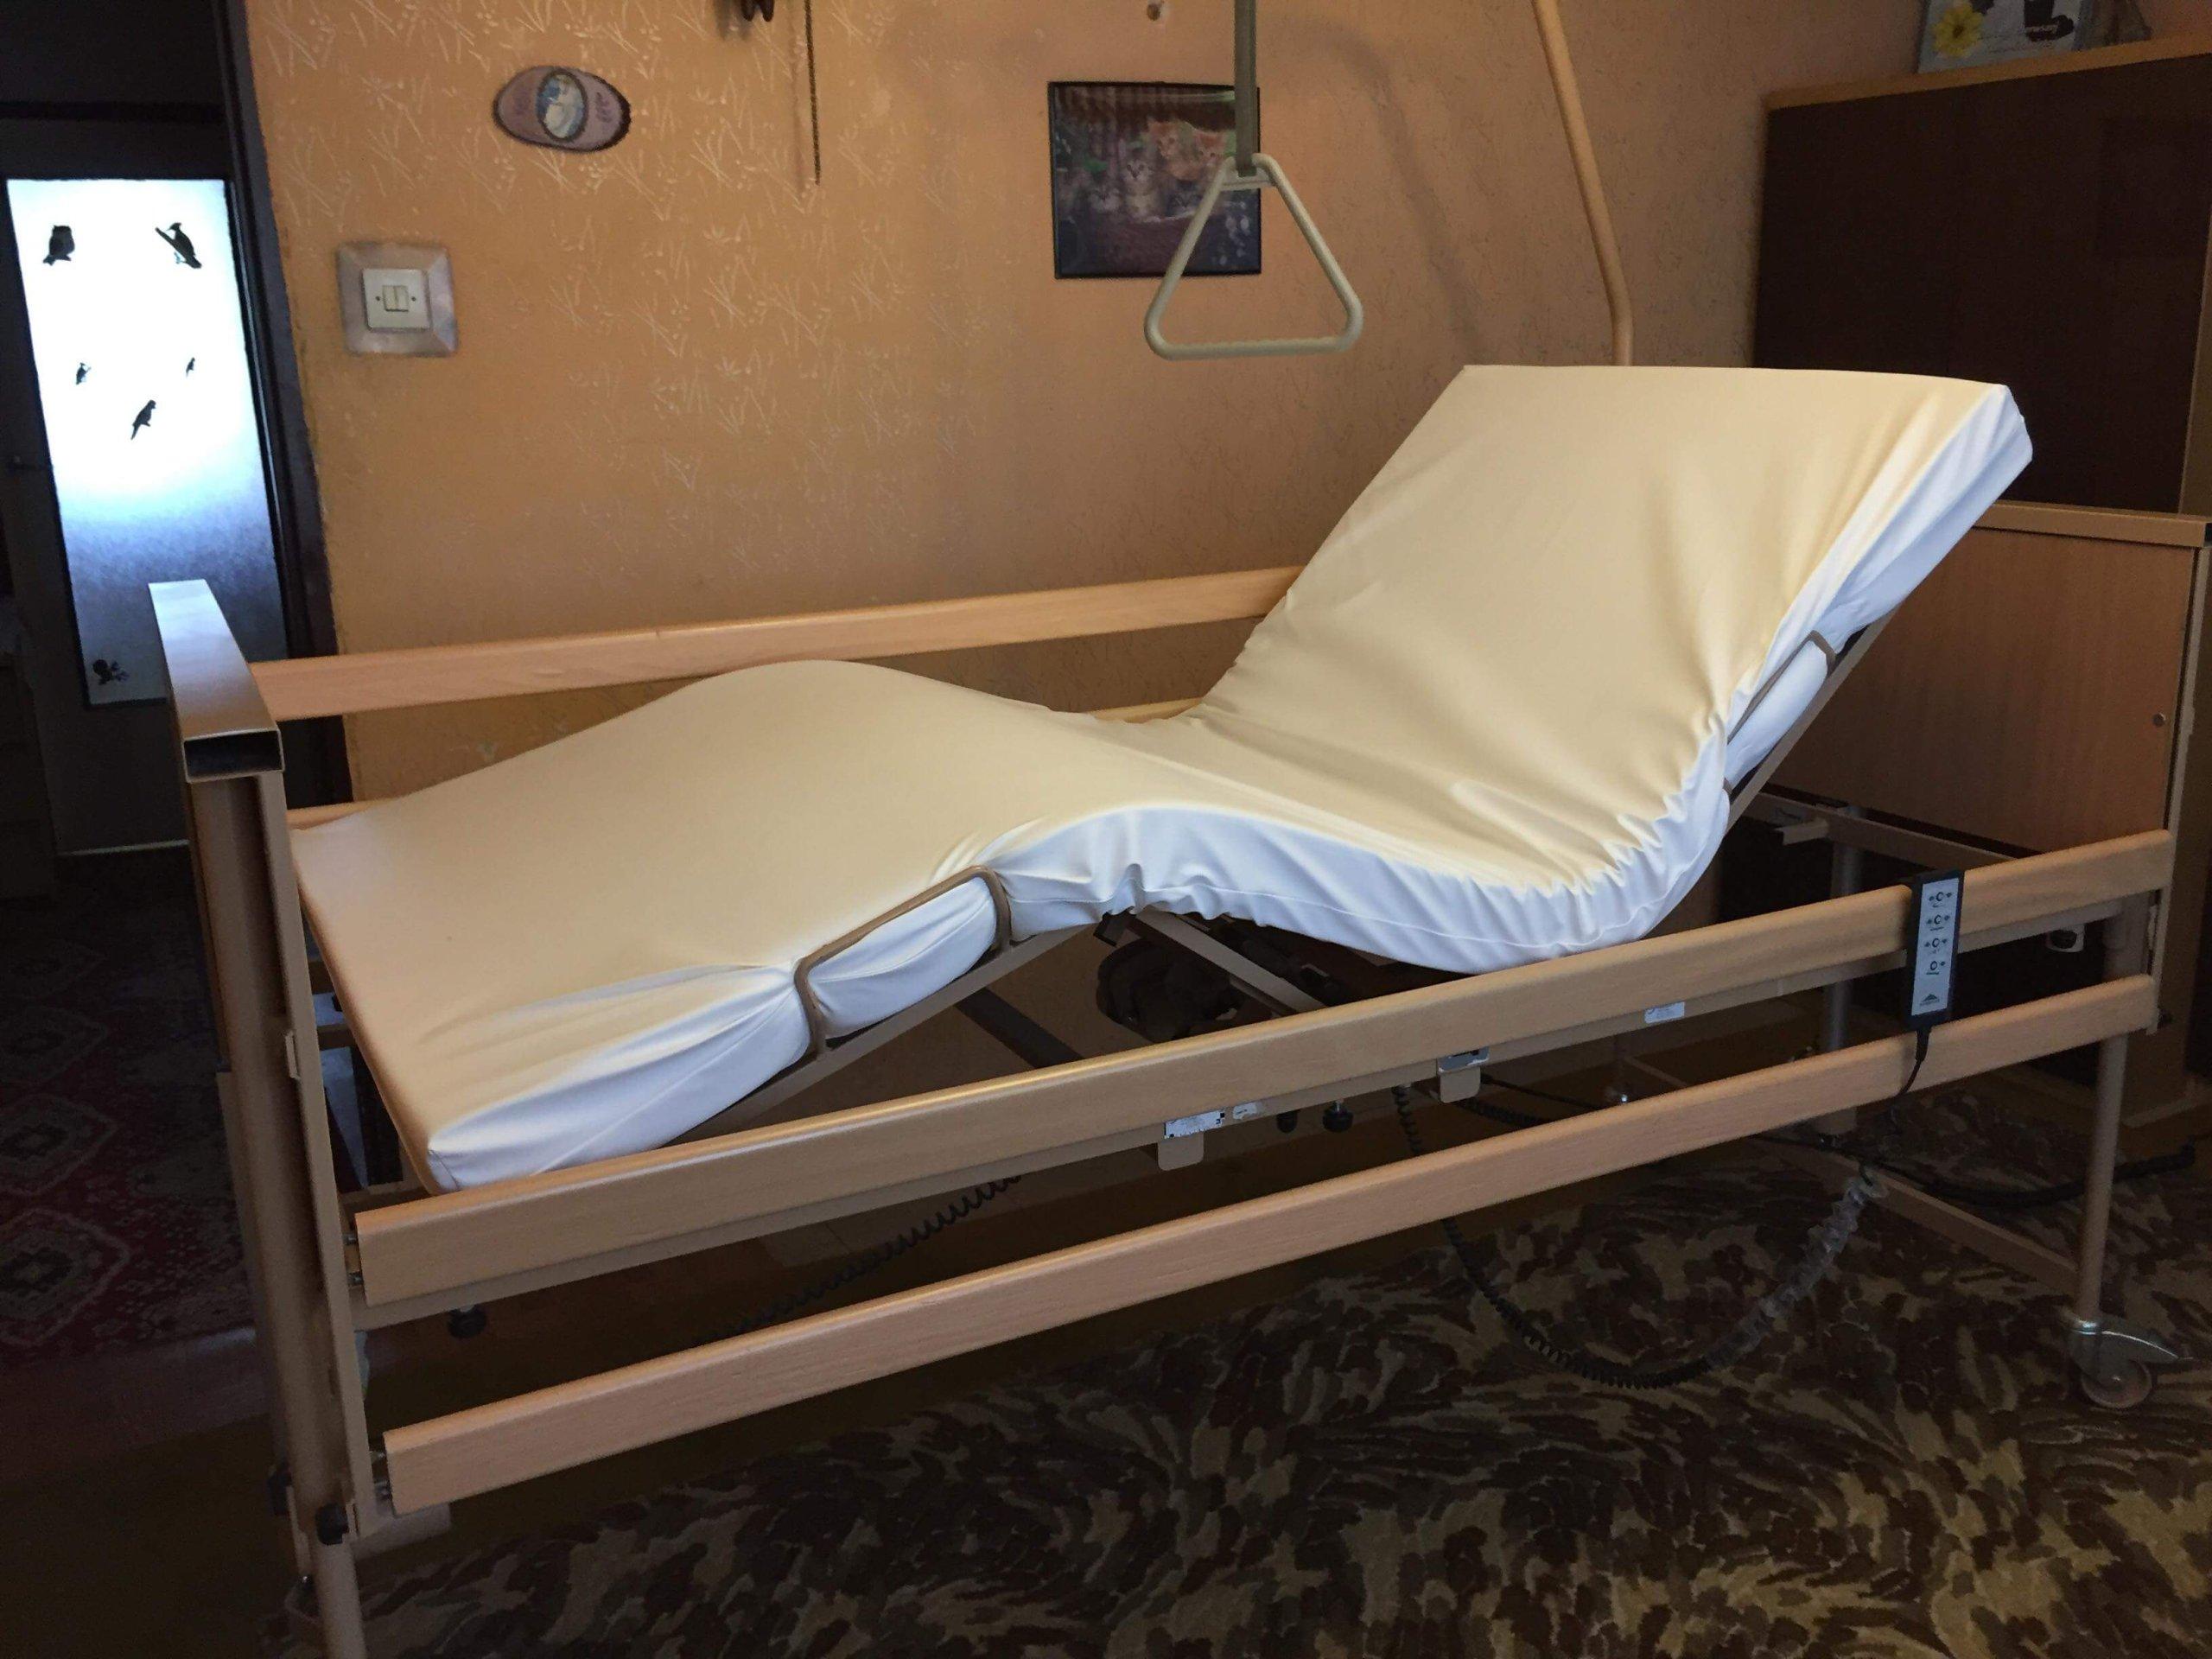 łóżko Rehabilitacyjne Sprzęt Medyczny 7233194182